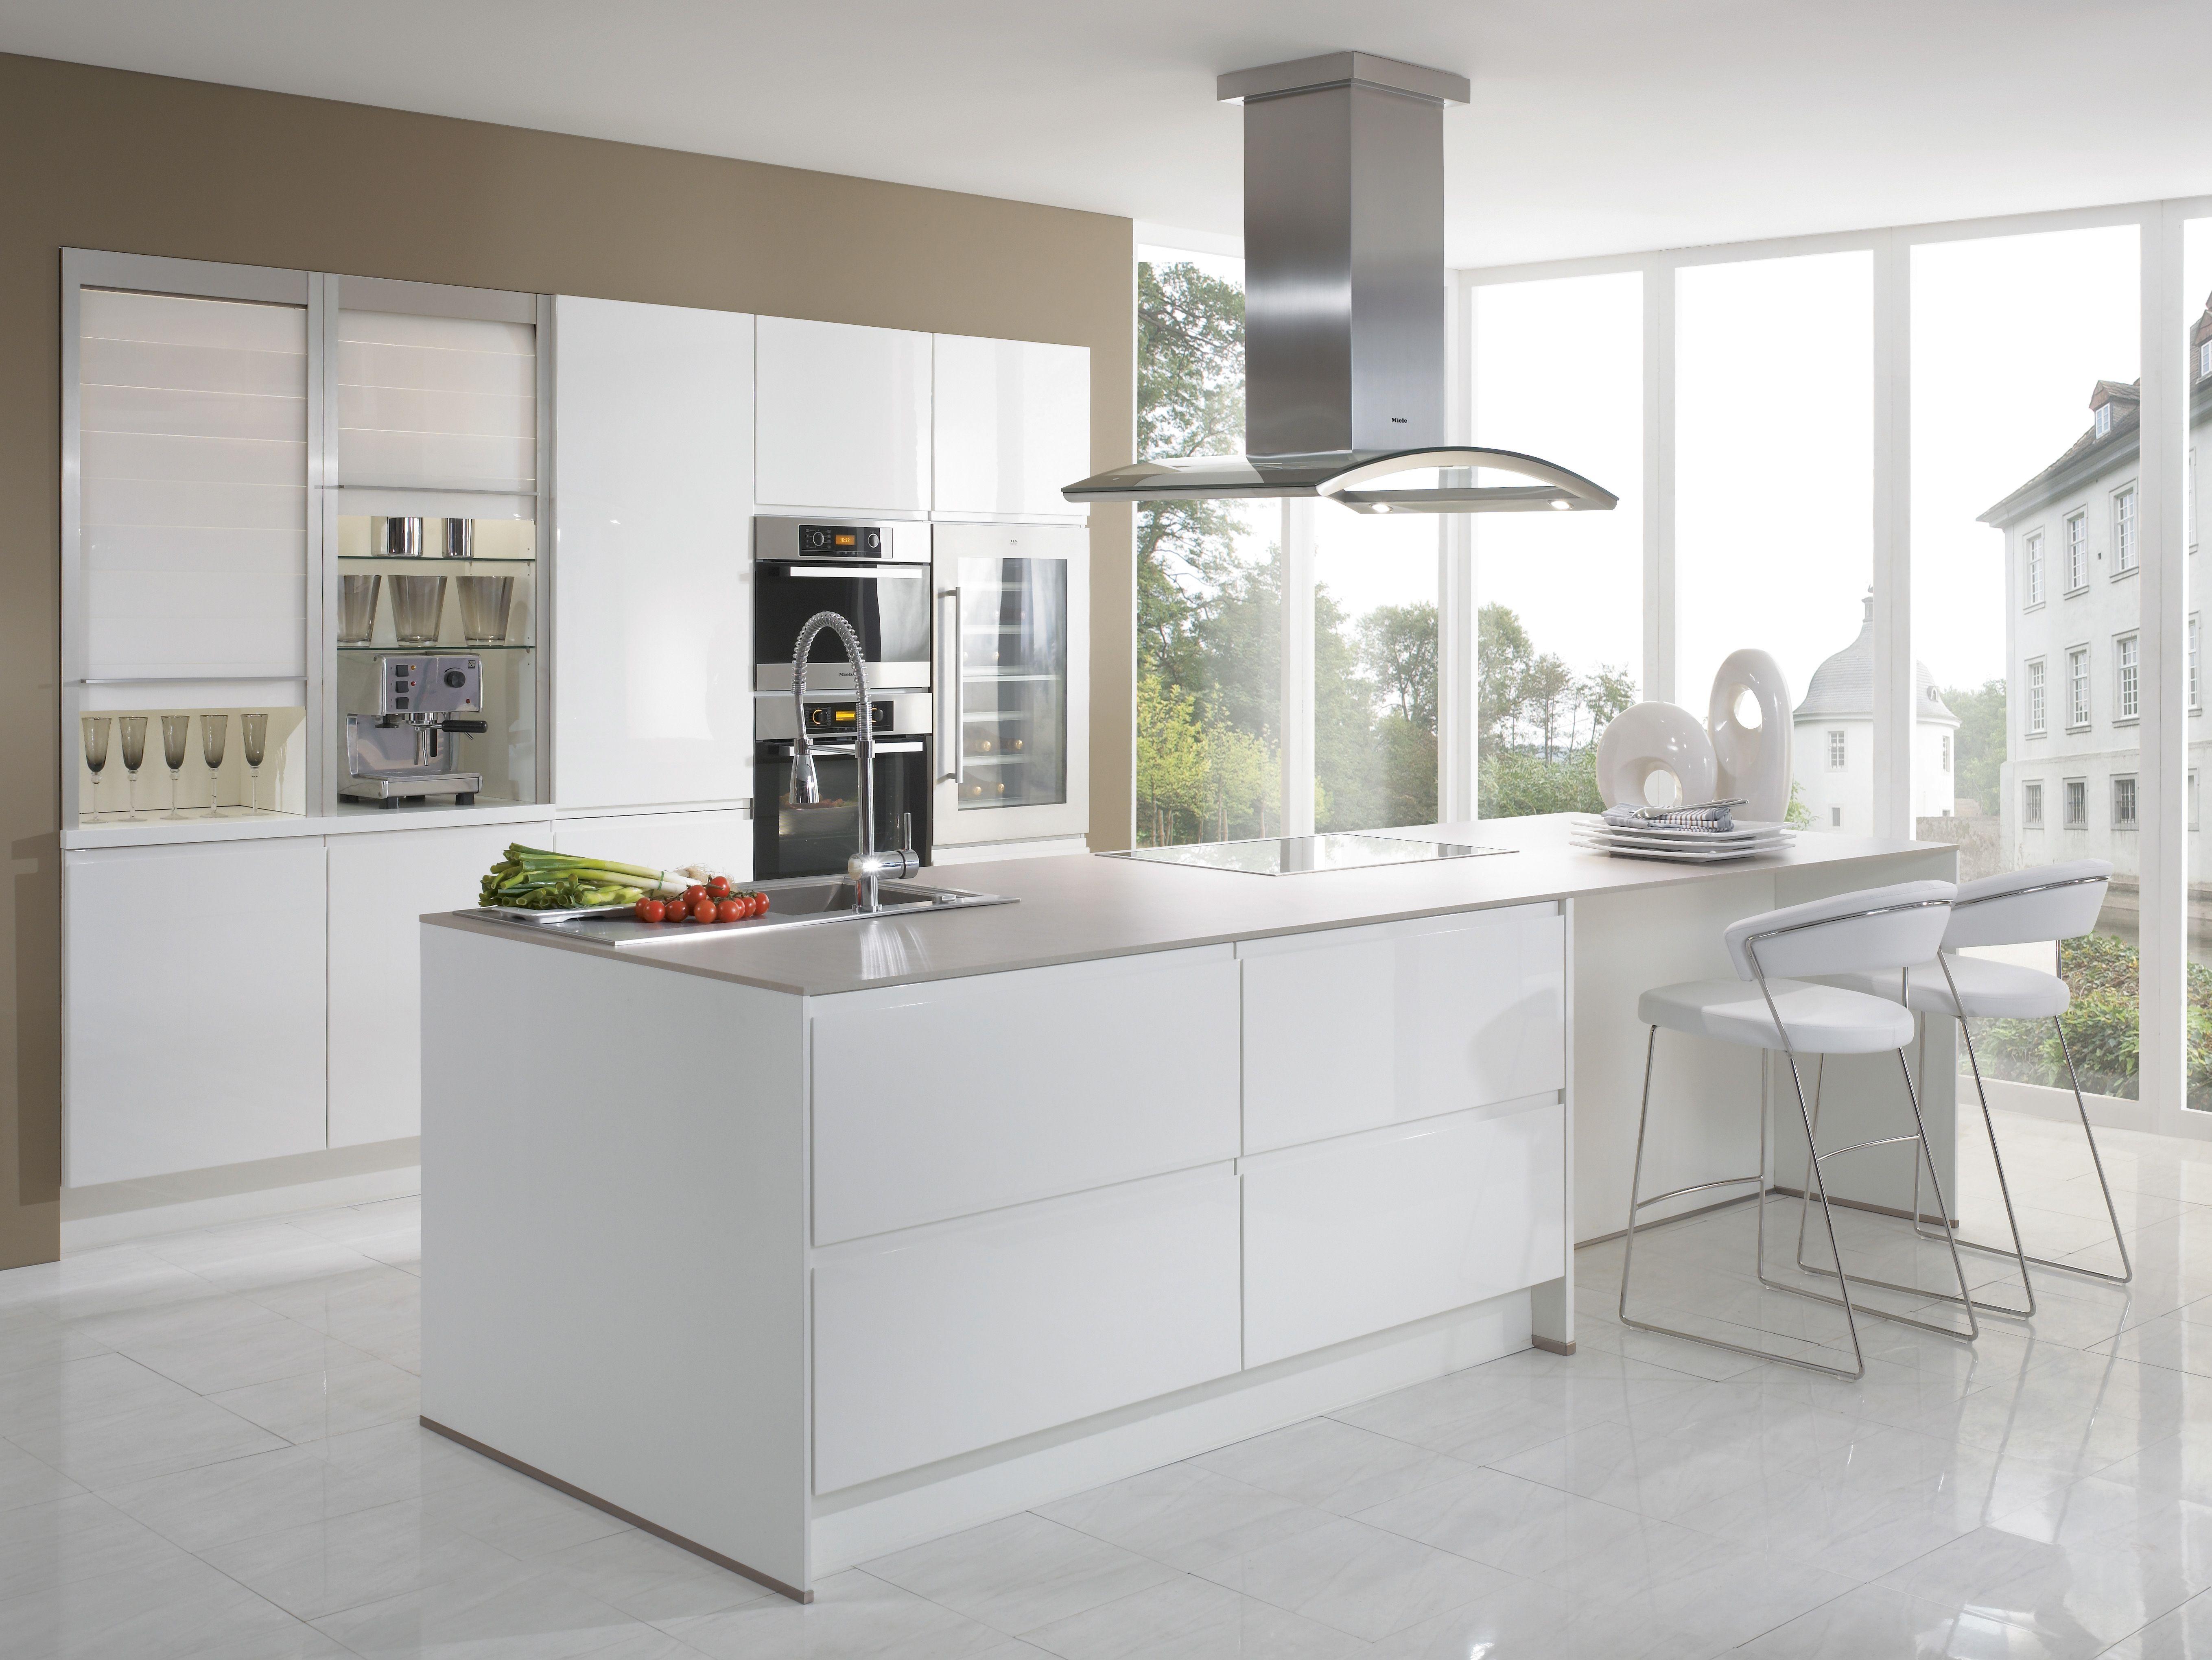 cuisine ixina nouveautes cuisines pinterest cuisine ixina cuisines et cuisine moderne. Black Bedroom Furniture Sets. Home Design Ideas